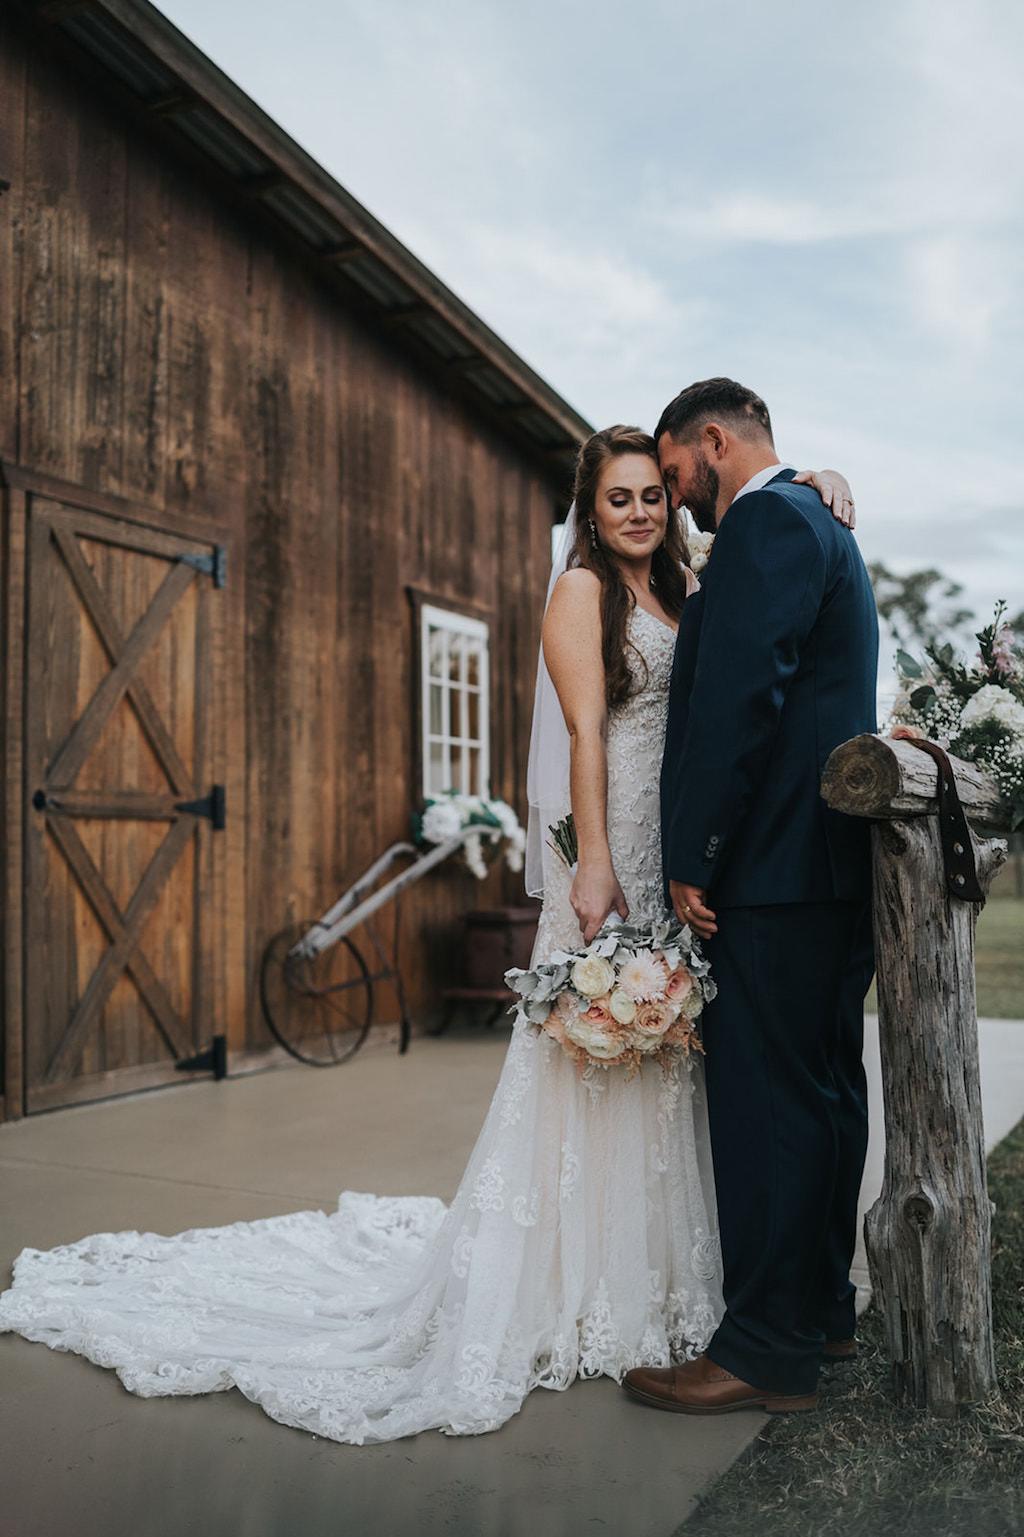 Romantic Bride and Groom Outdoor Wedding Portrait   Tampa Rustic Wedding Barn Venue Rafter J Ranch